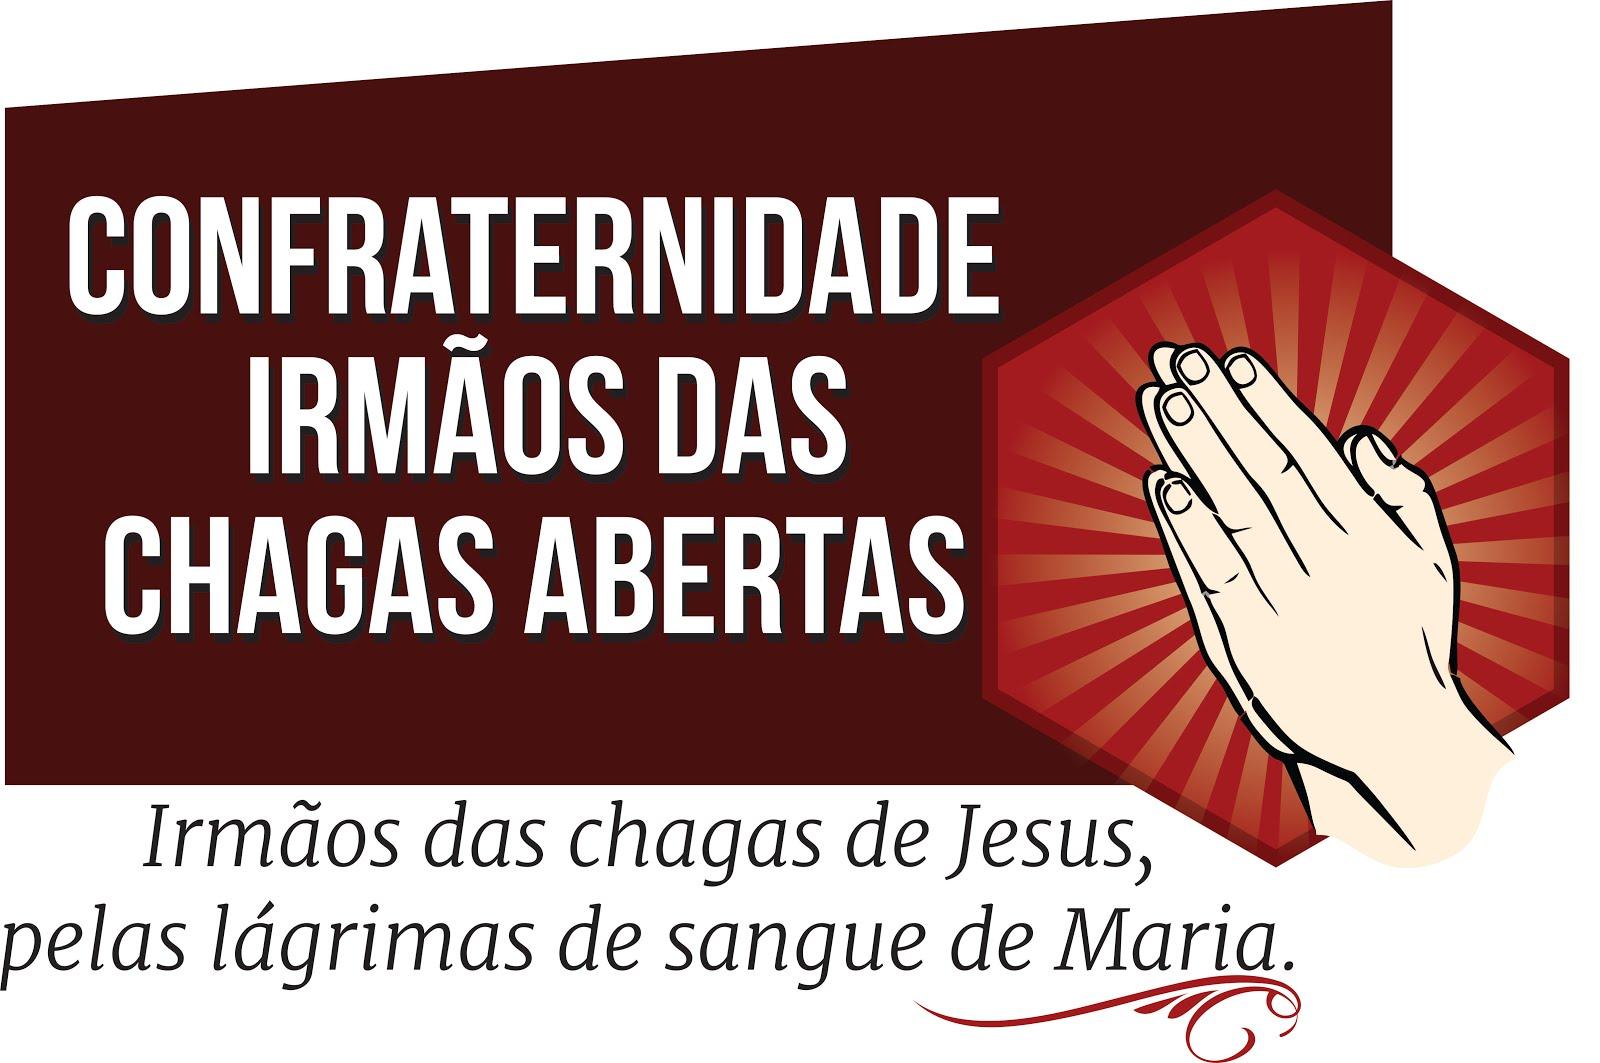 A SERVIÇO  DO SENHOR:  irmaosdaschagasabertas@BOL.COM.BR